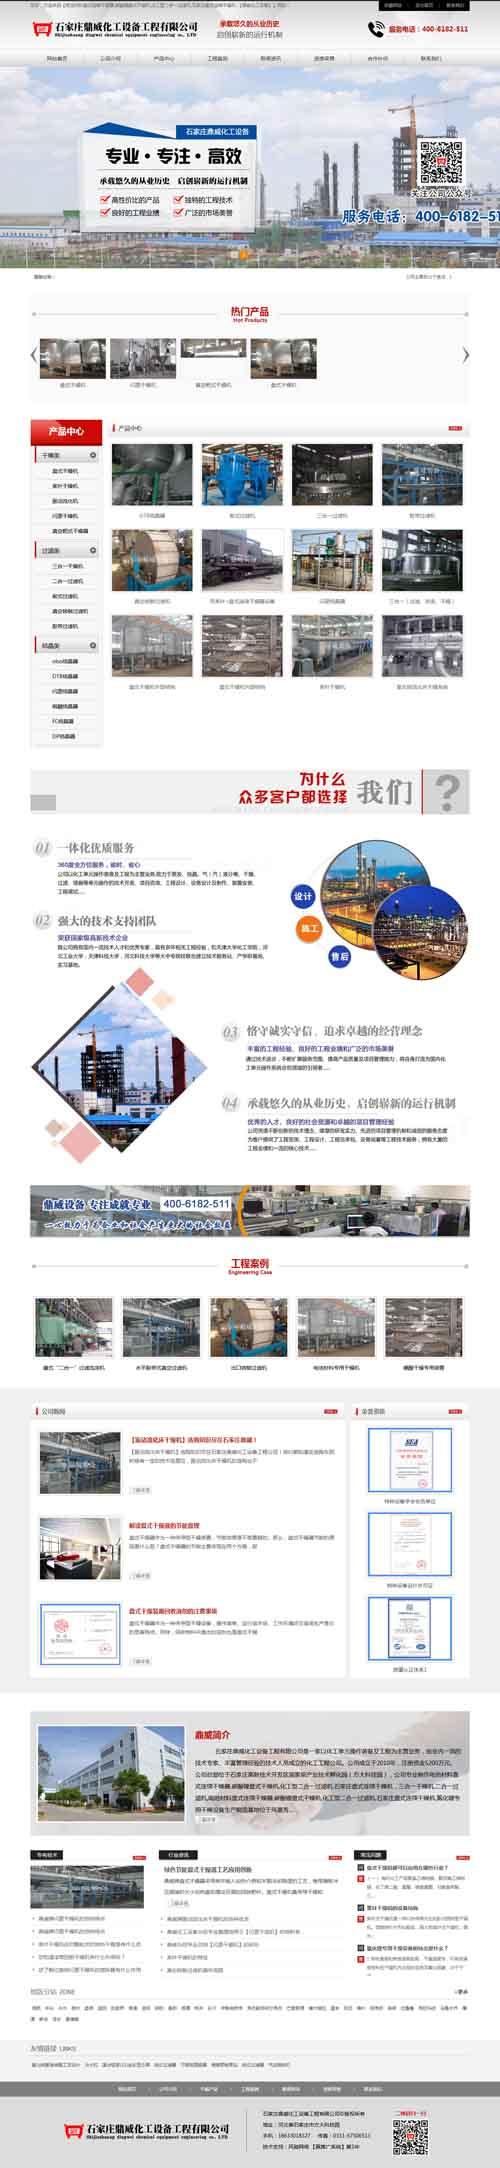 化工行业网站建设推广-石家庄干燥器机网站建设推广-石家庄